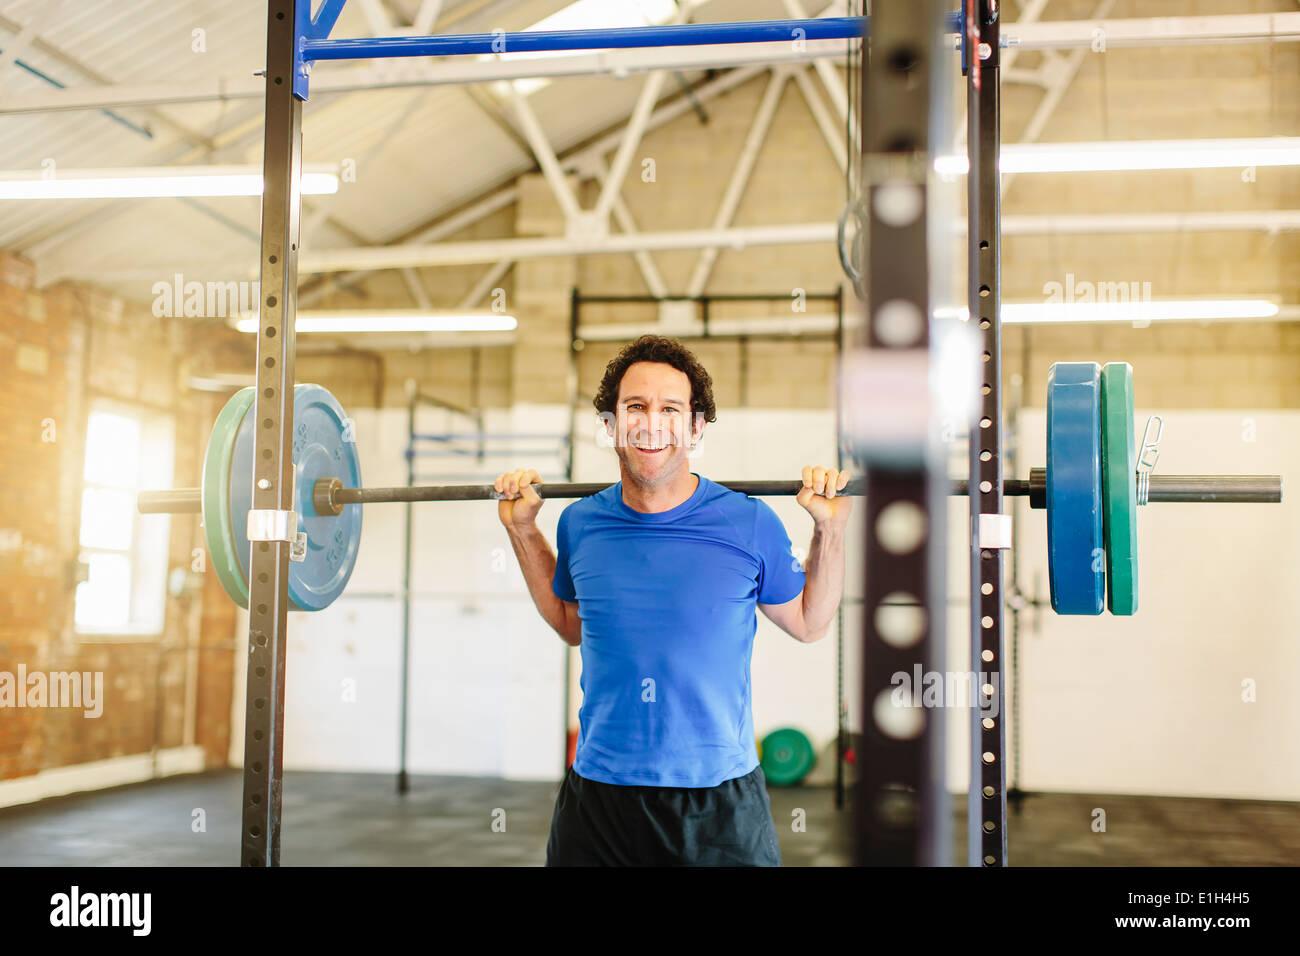 El hombre levantando barbell en gimnasio Imagen De Stock